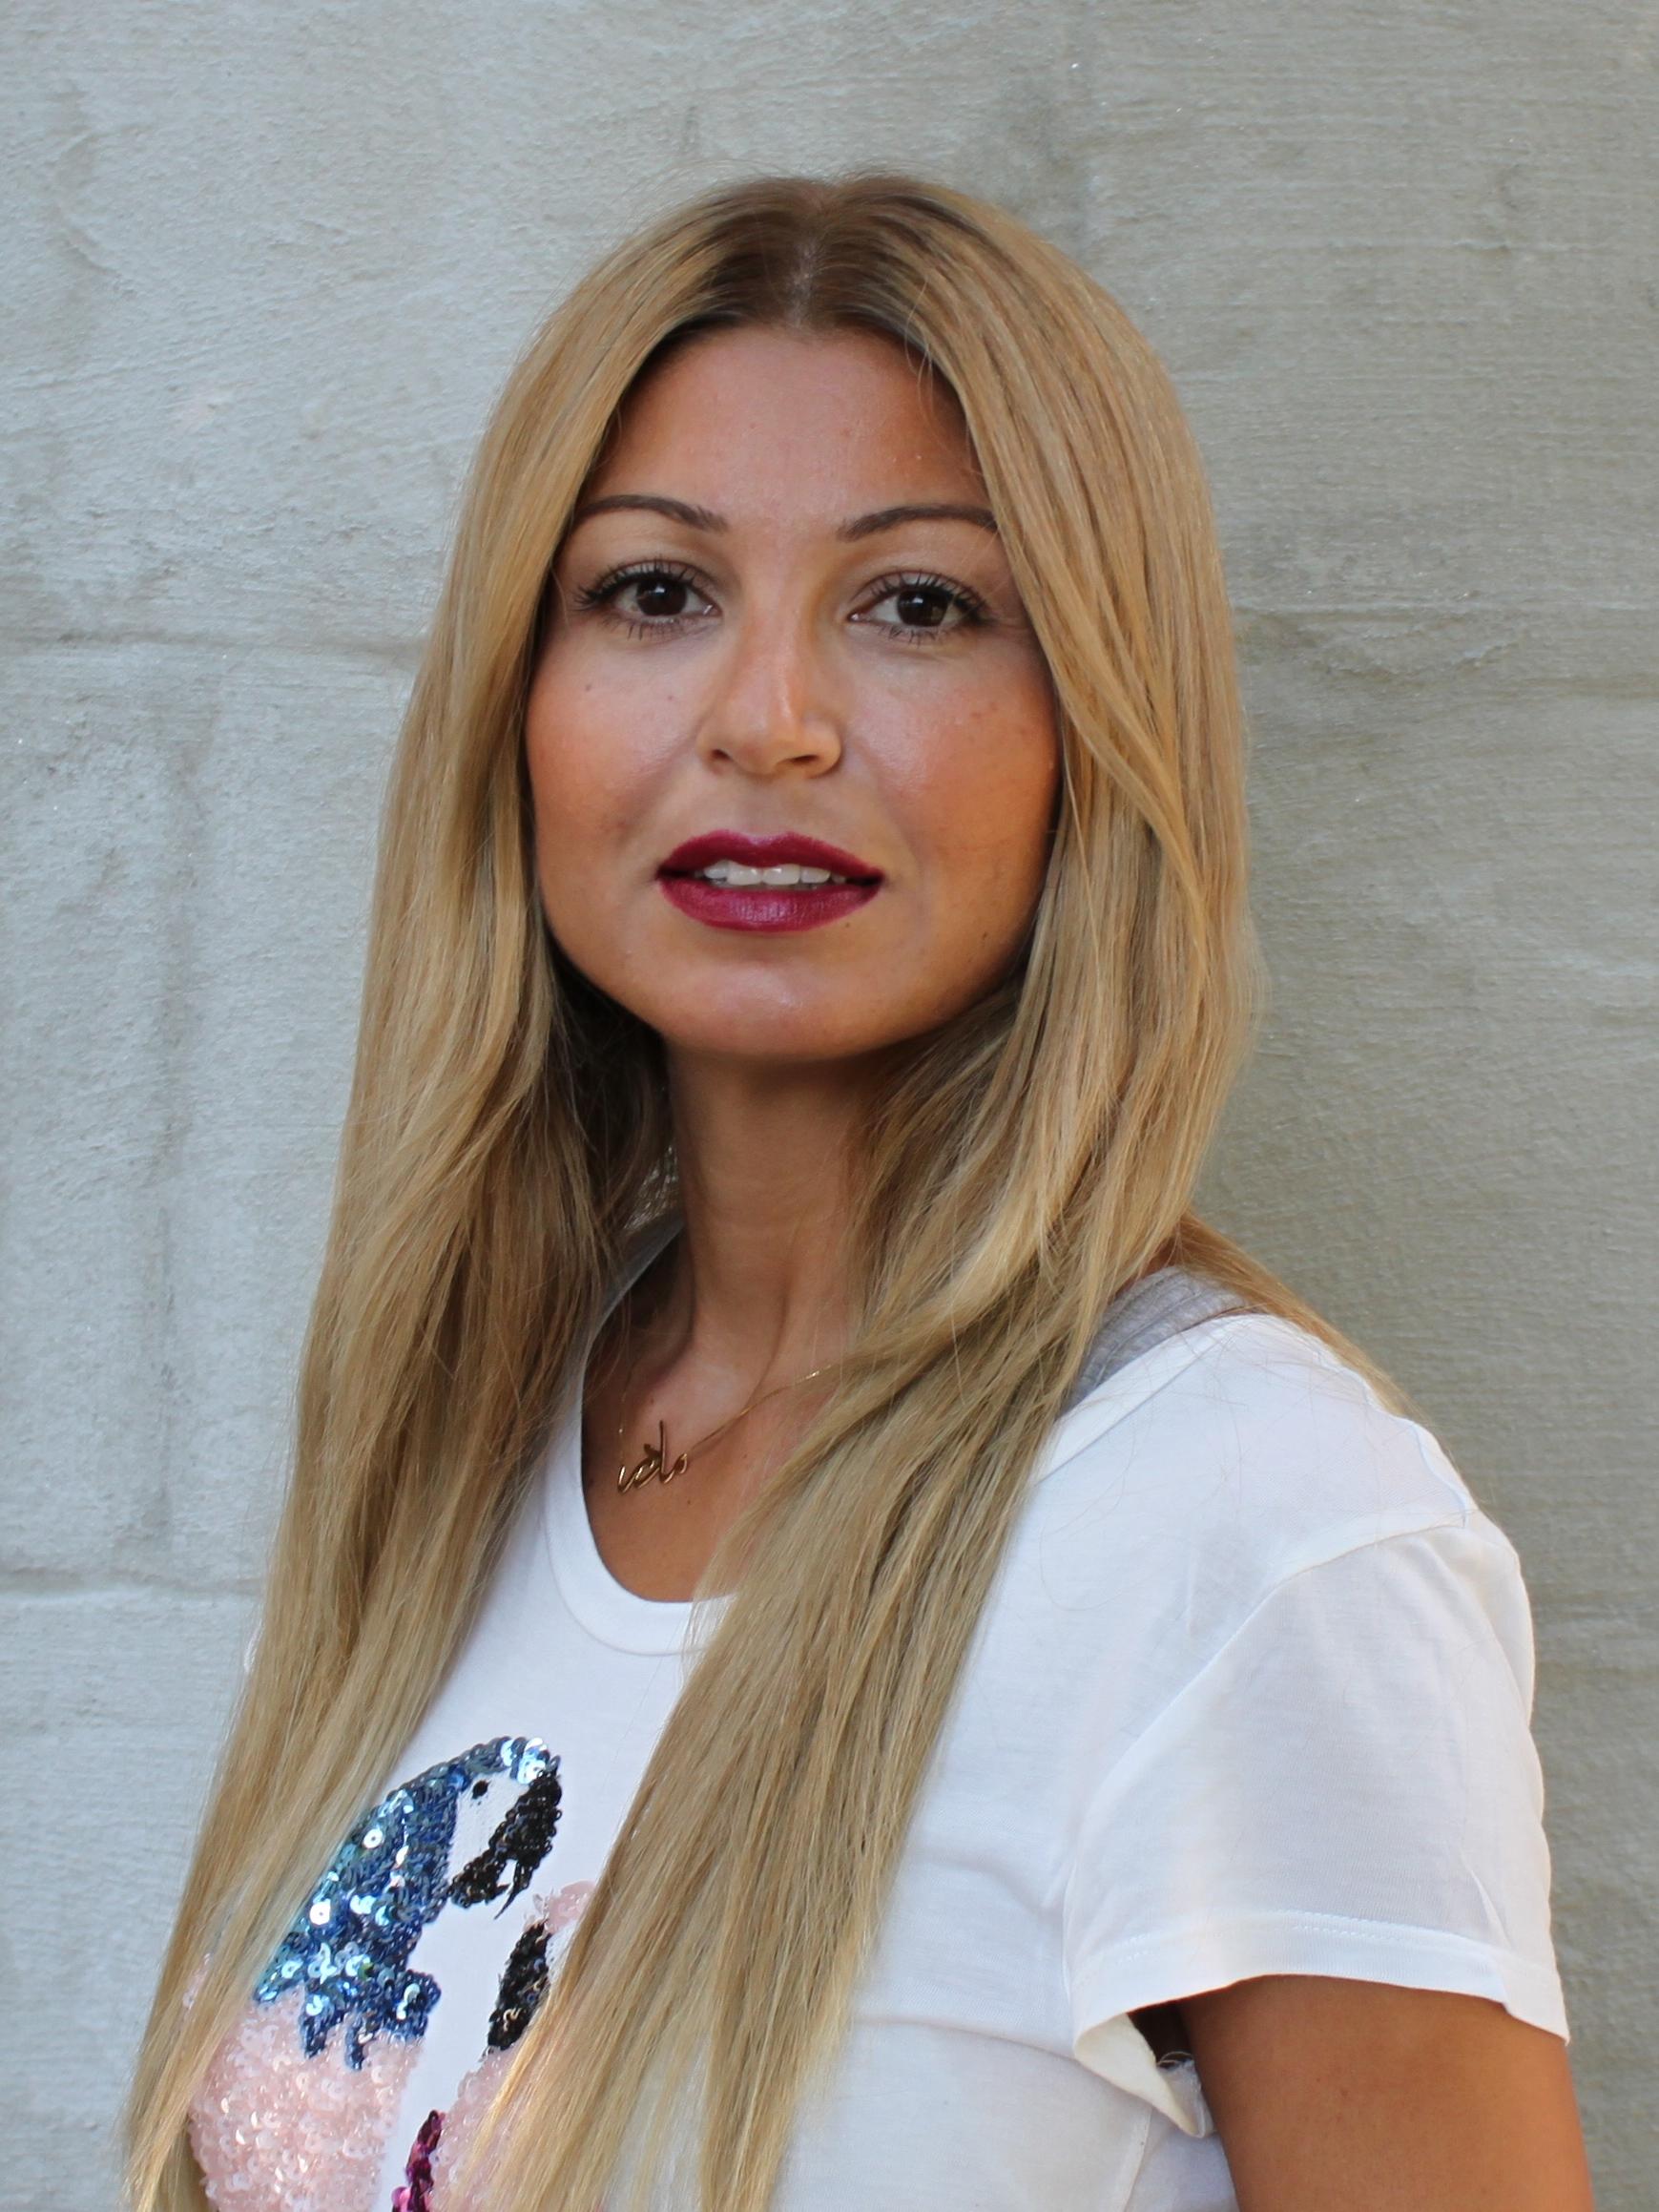 Sofia Wester